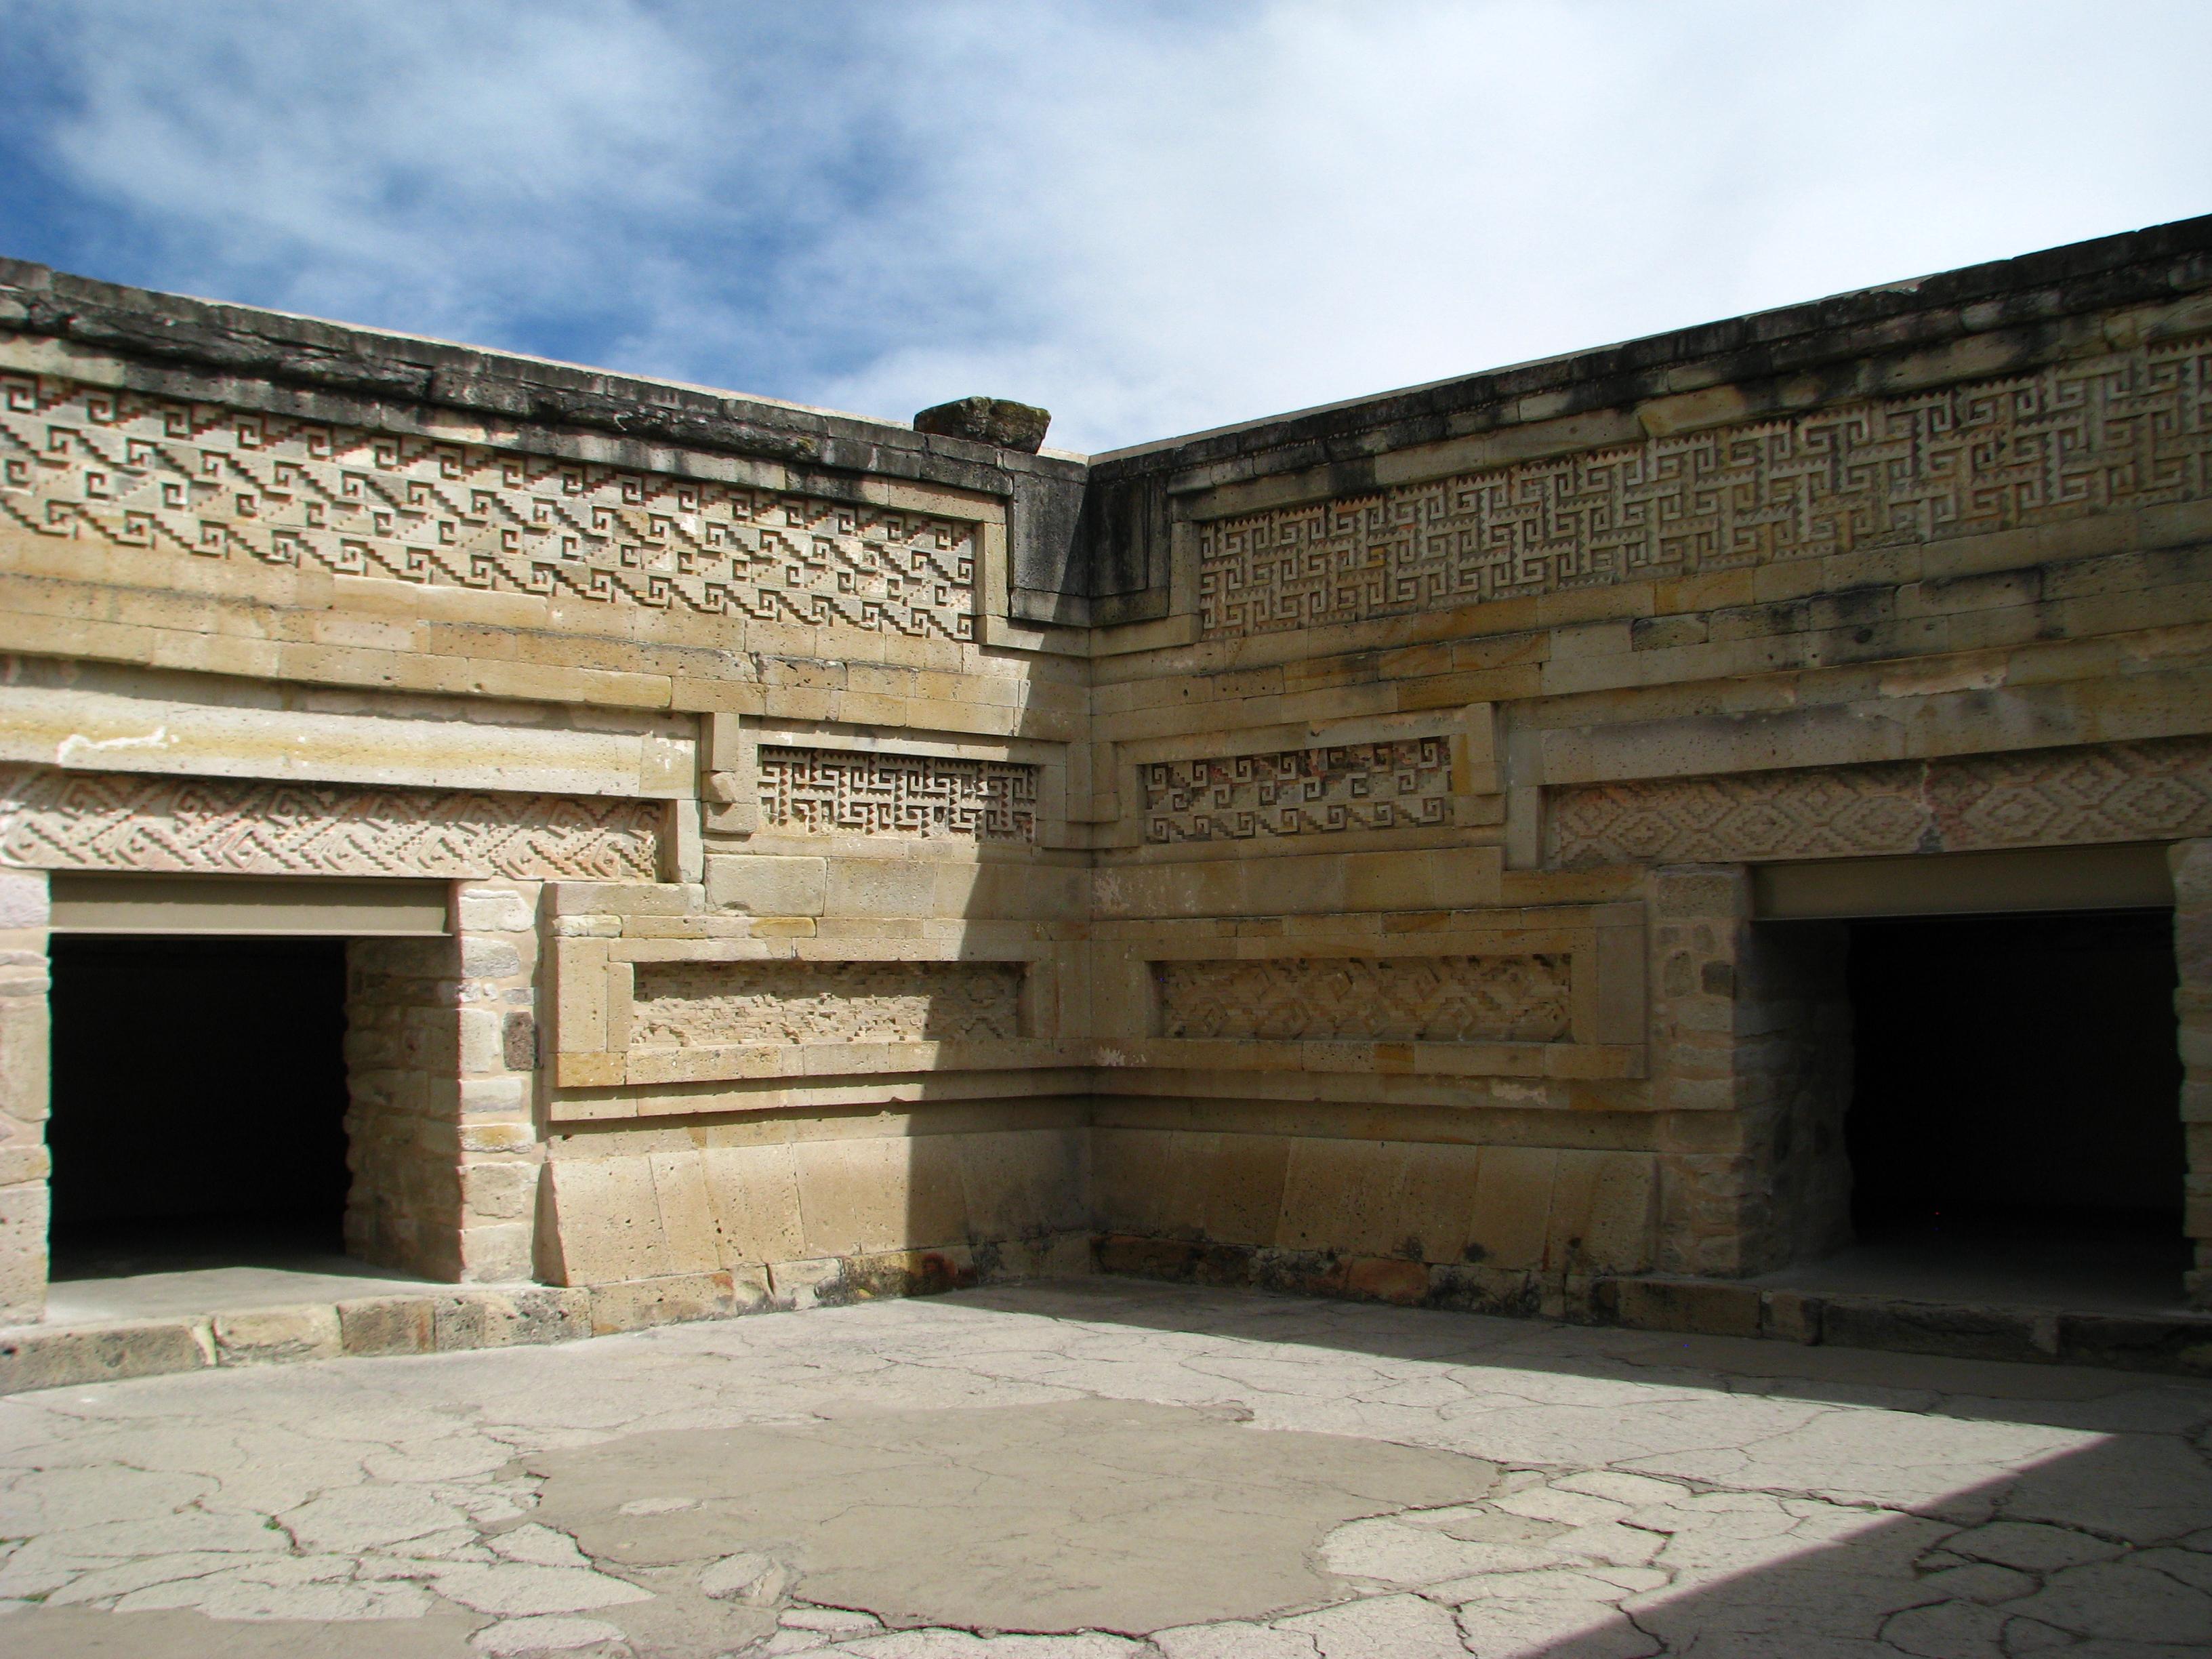 Zona arqueológica de Mitla